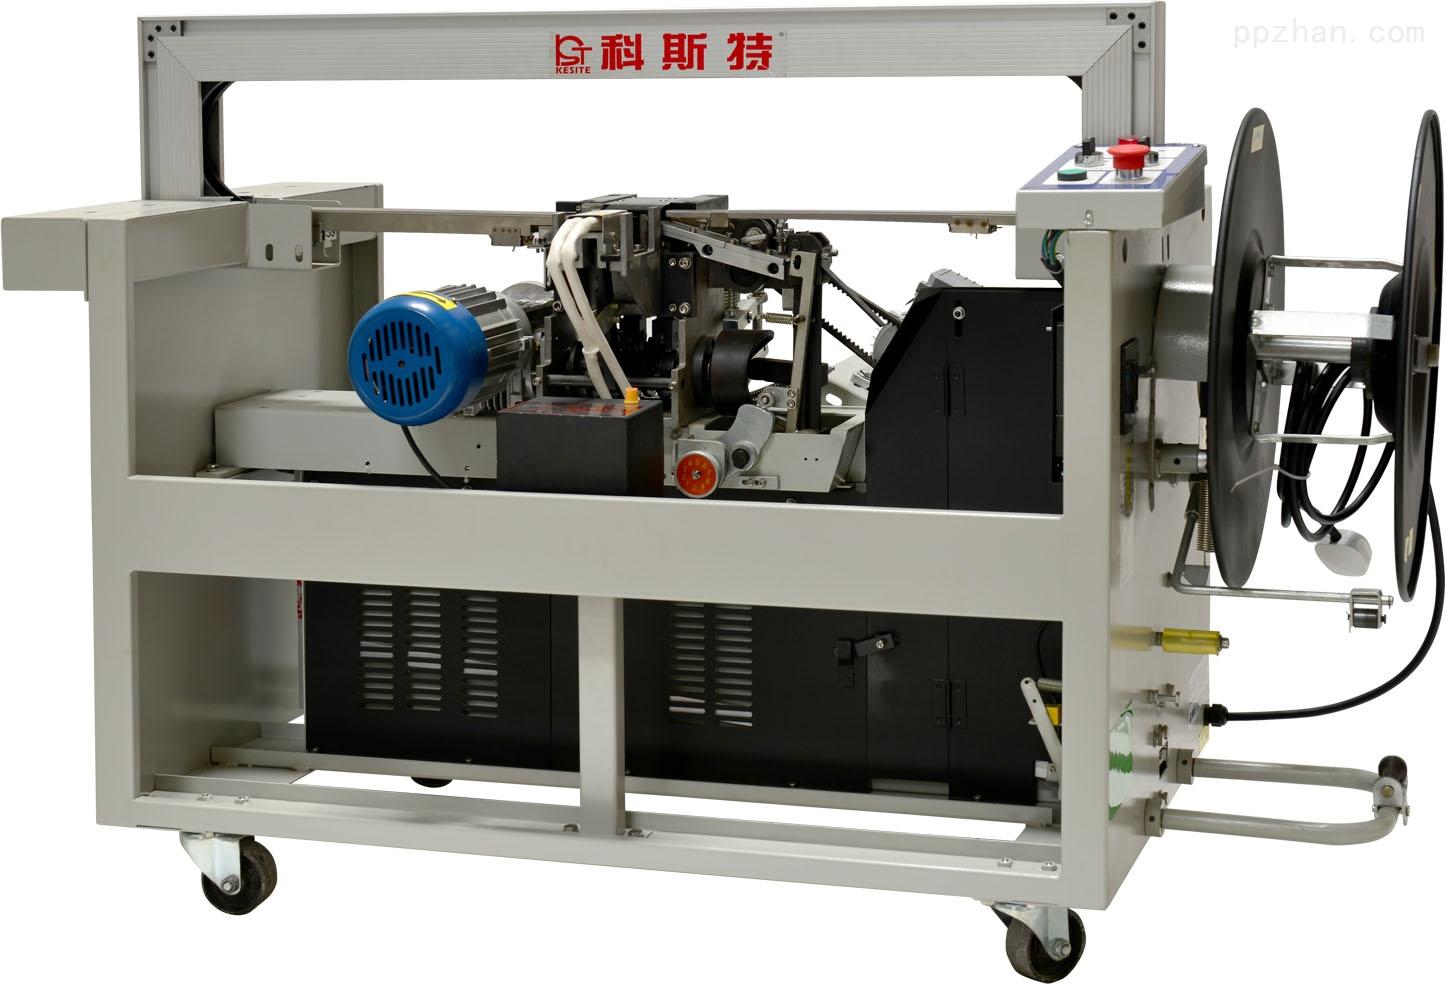 广东科斯特厂家直销全自动打包机